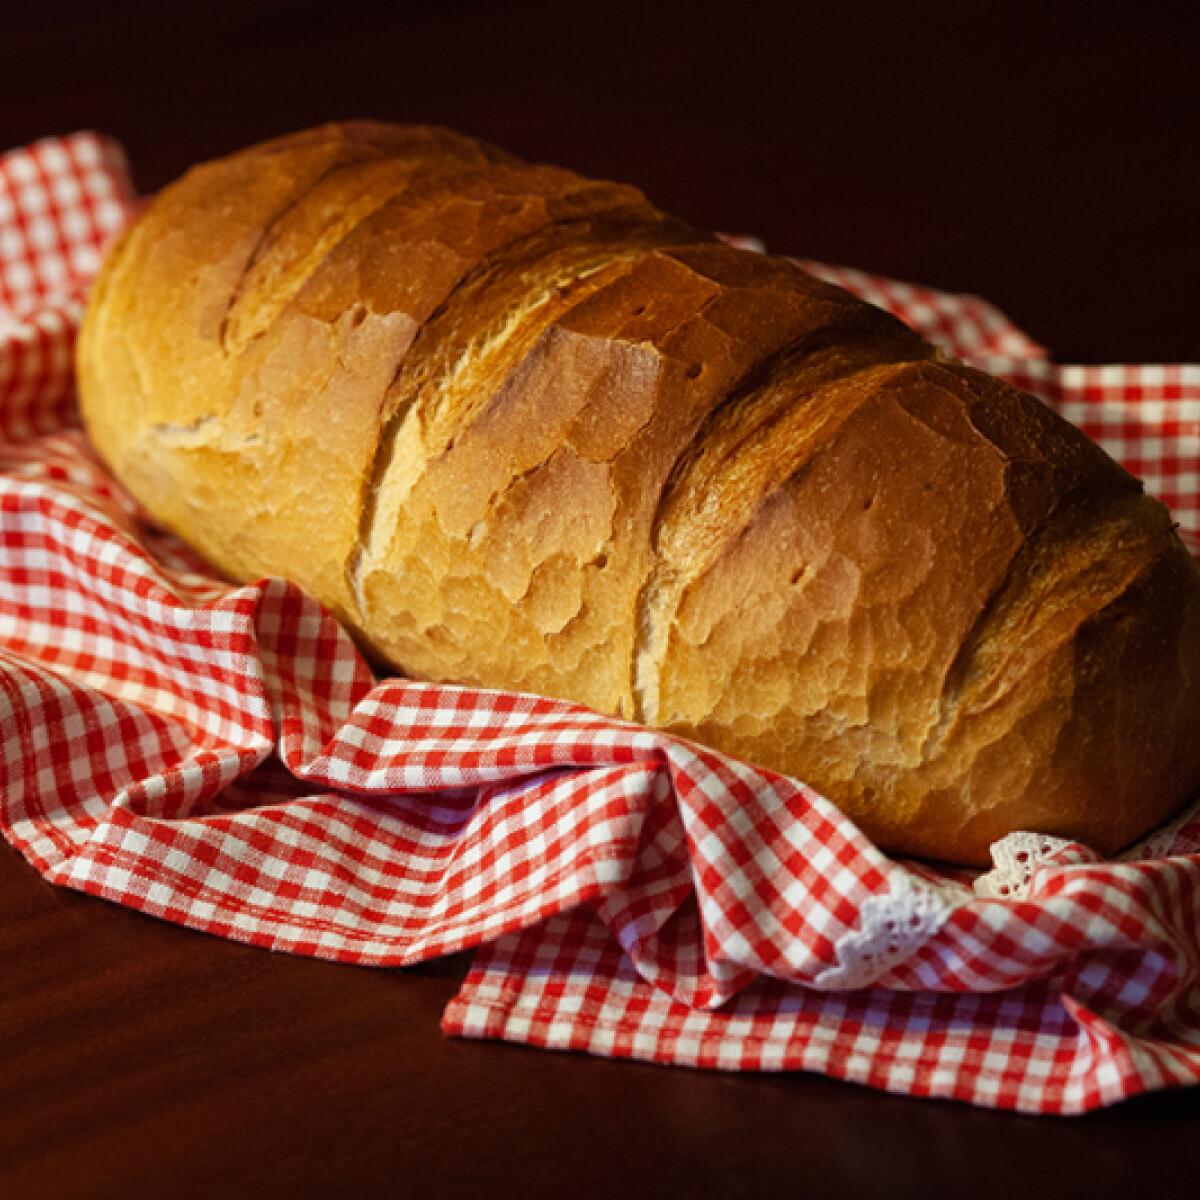 Burgonyapelyhes kenyér zománcos kacsasütőtálban sütve